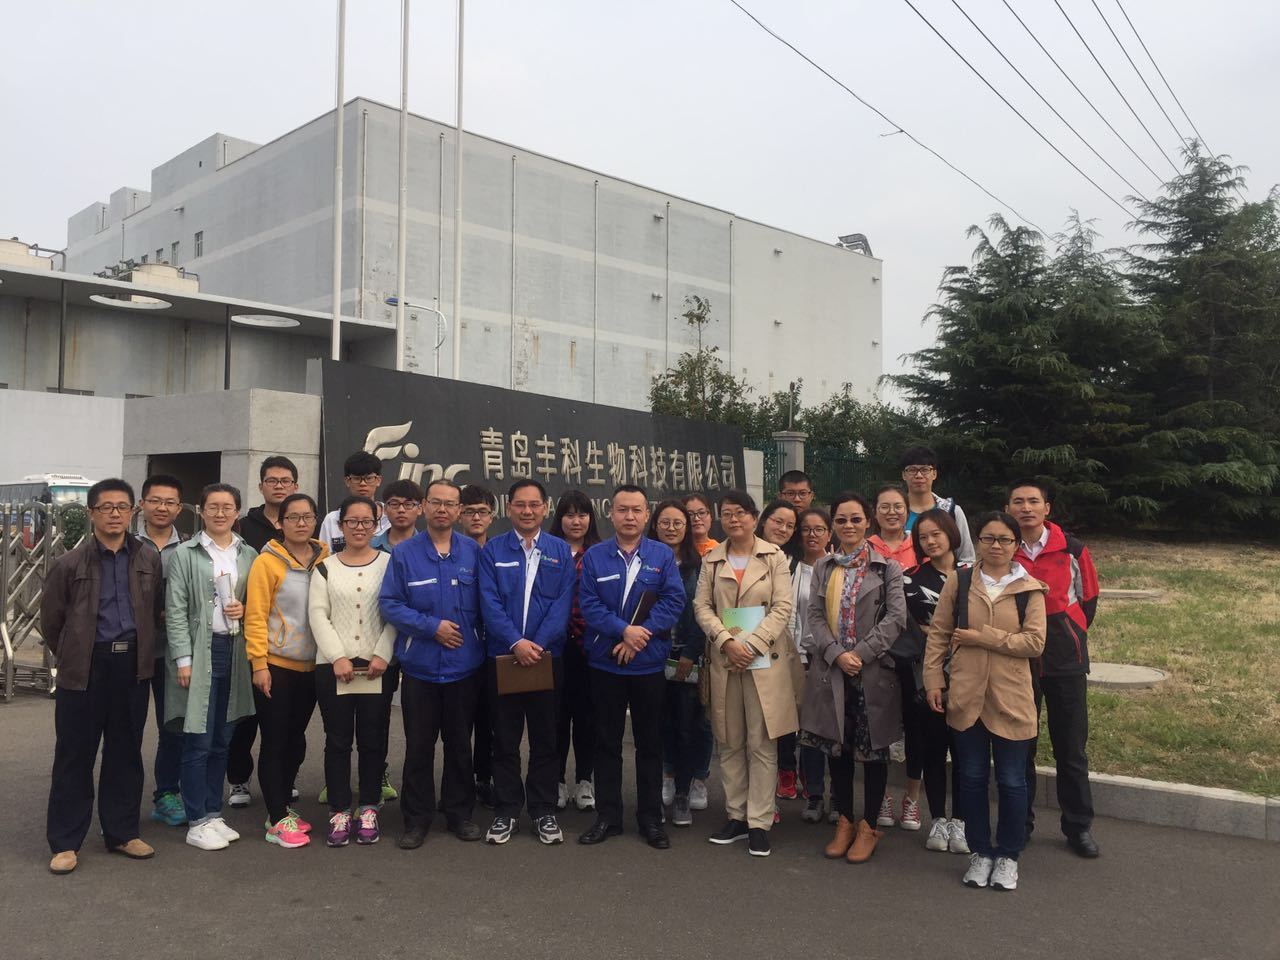 上海丰科生物科技股份有限公司